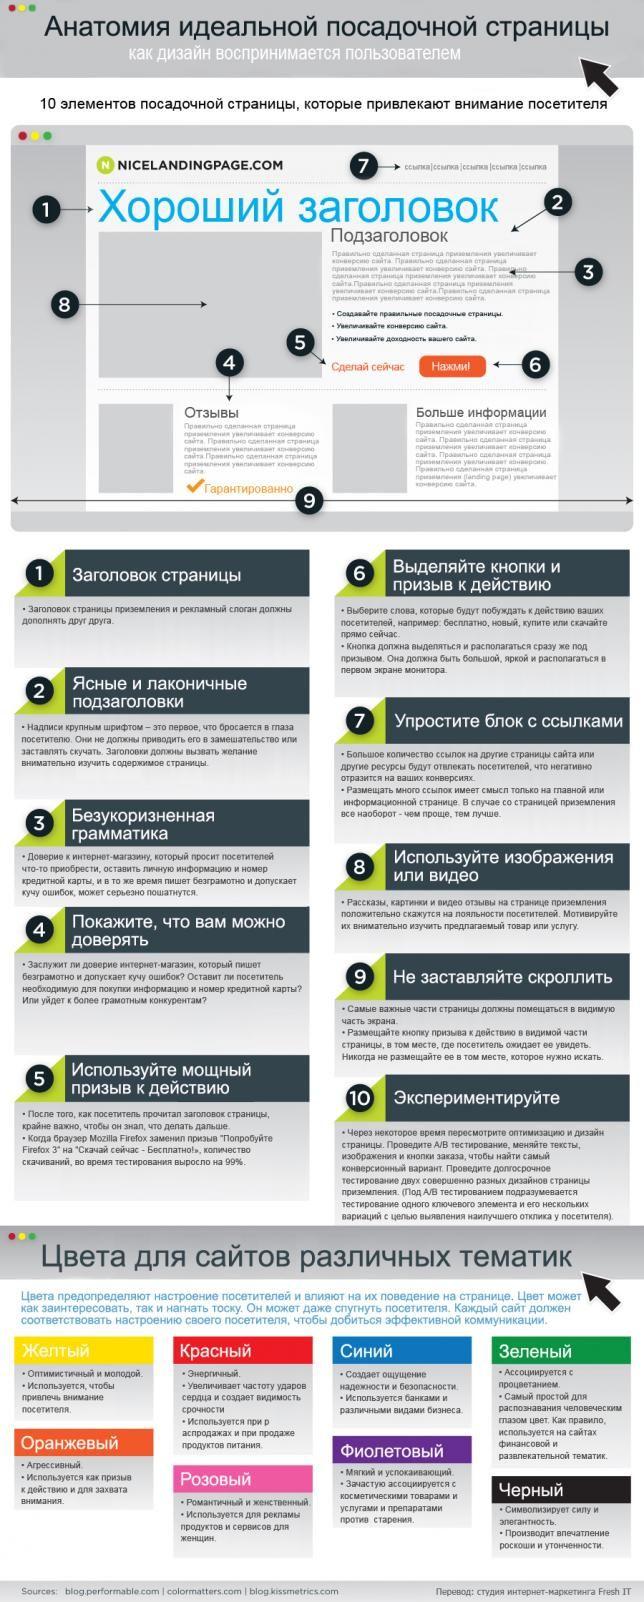 Анатомия идеальной посадочной страницы (инфографика). Читайте на Cossa.ru